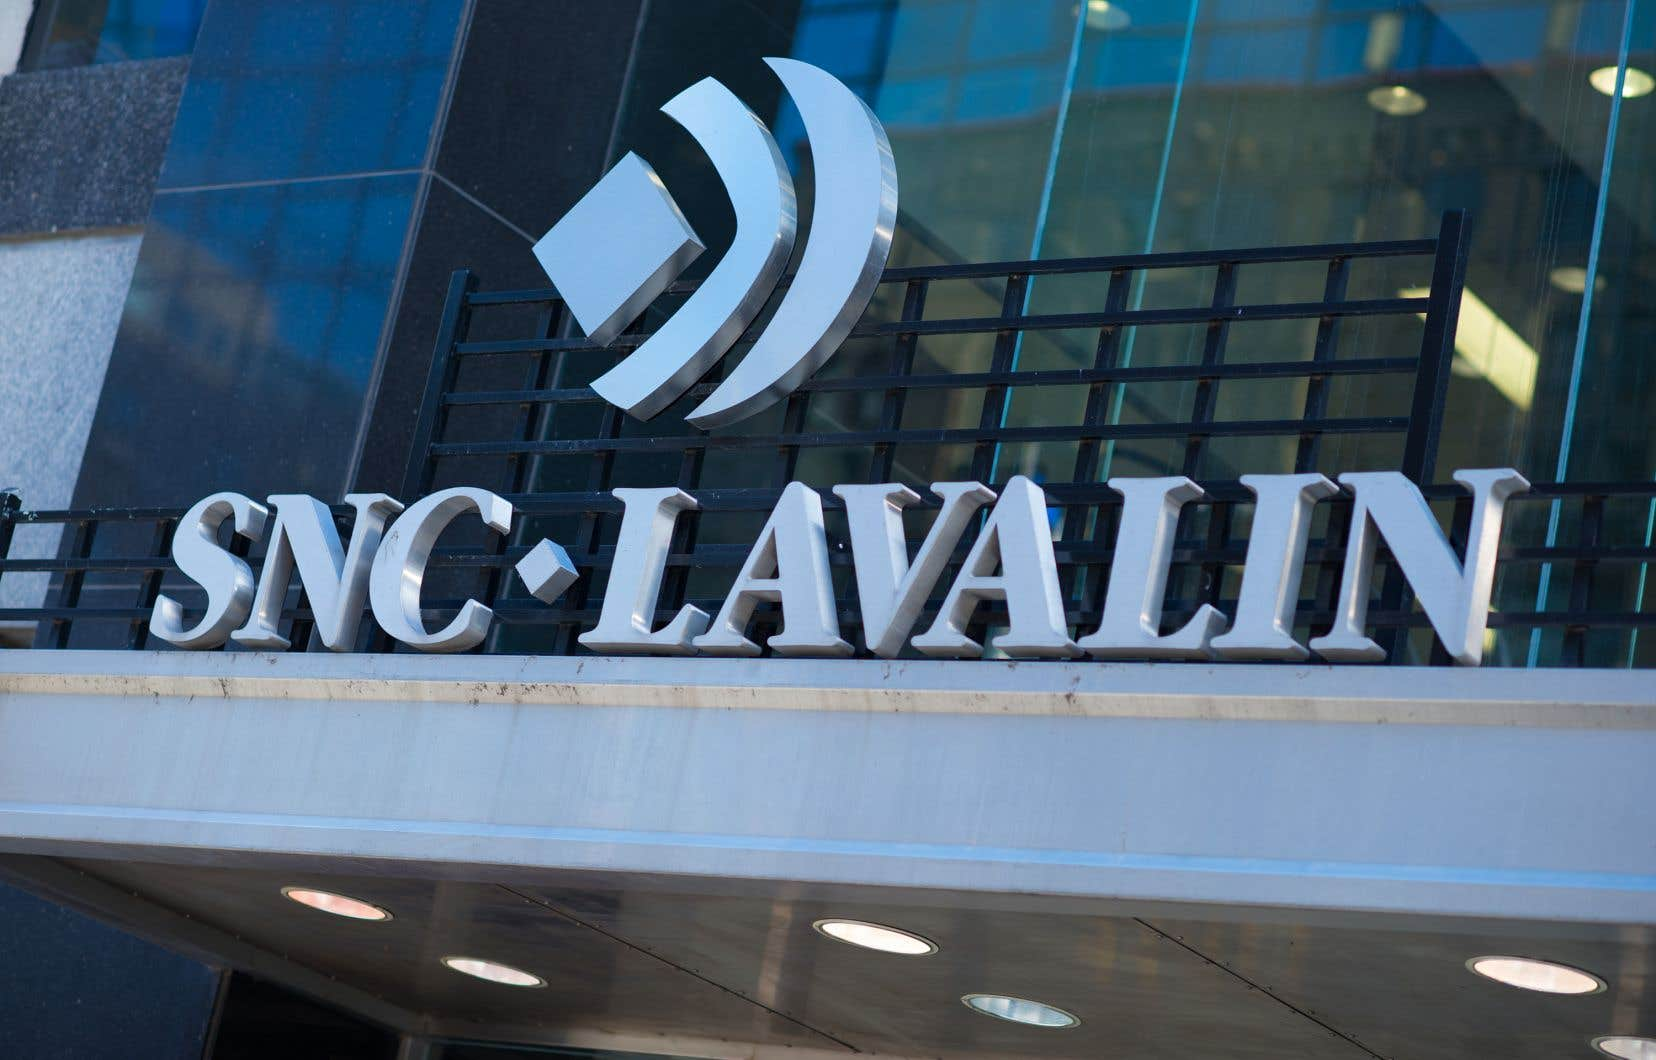 La firme d'ingénierie, SNC-Lavalin, s'est dite déçue du jugement de la Cour fédérale concernant la renégociation d'un accord de réparation.